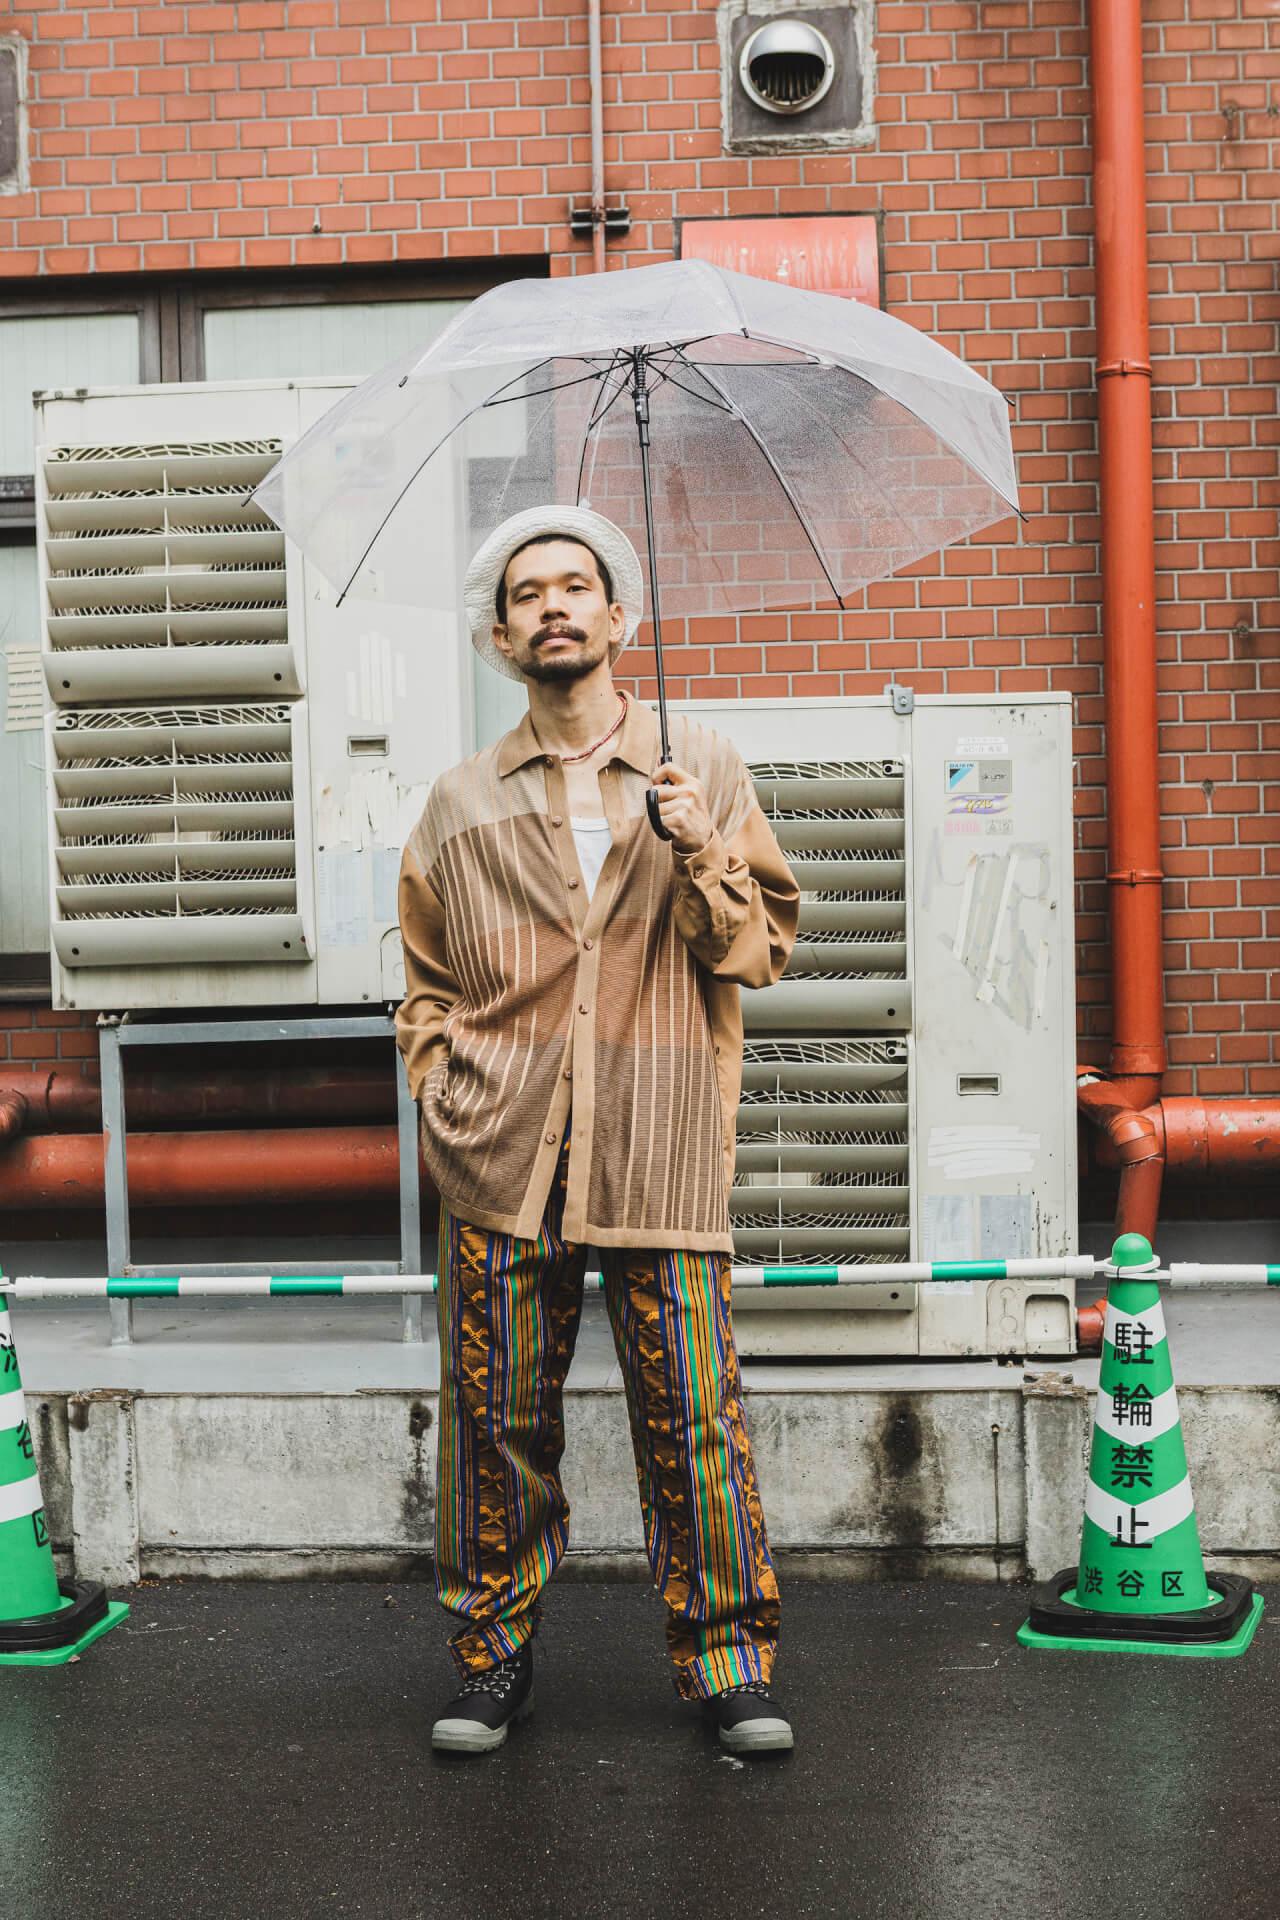 PALLADIUM × 7A&msd|スタイリスト、クリエイターが提案する梅雨を乗り切る雨の日コーデ fashion210526_palladium-07